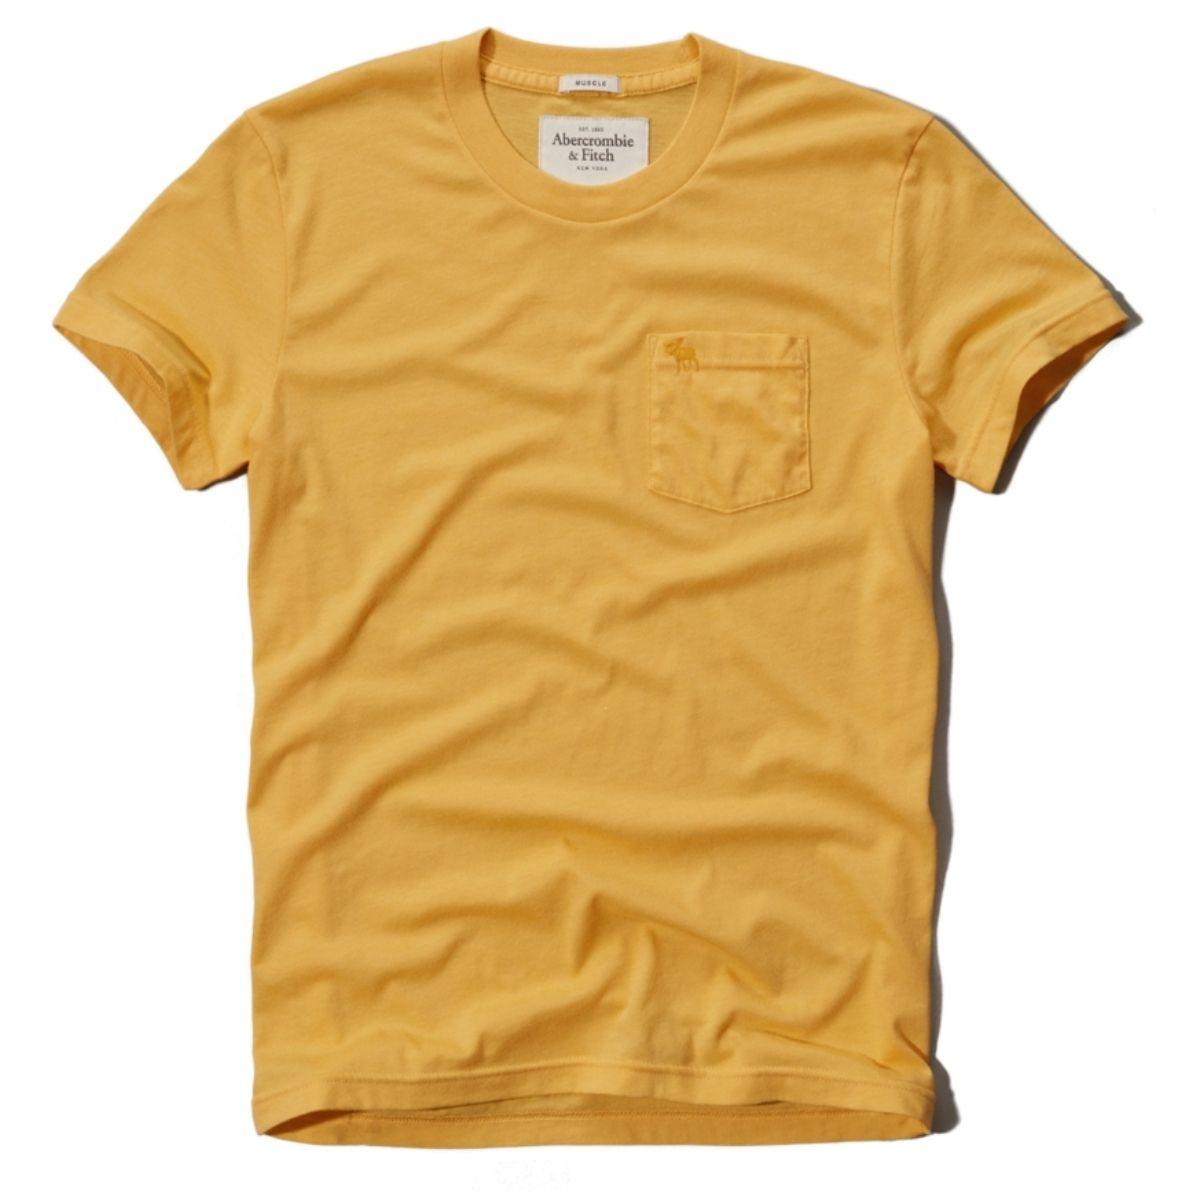 fbe9b72fa95d2 As camisetas da Abercrombie destacam-se pela qualidade do tecido ...